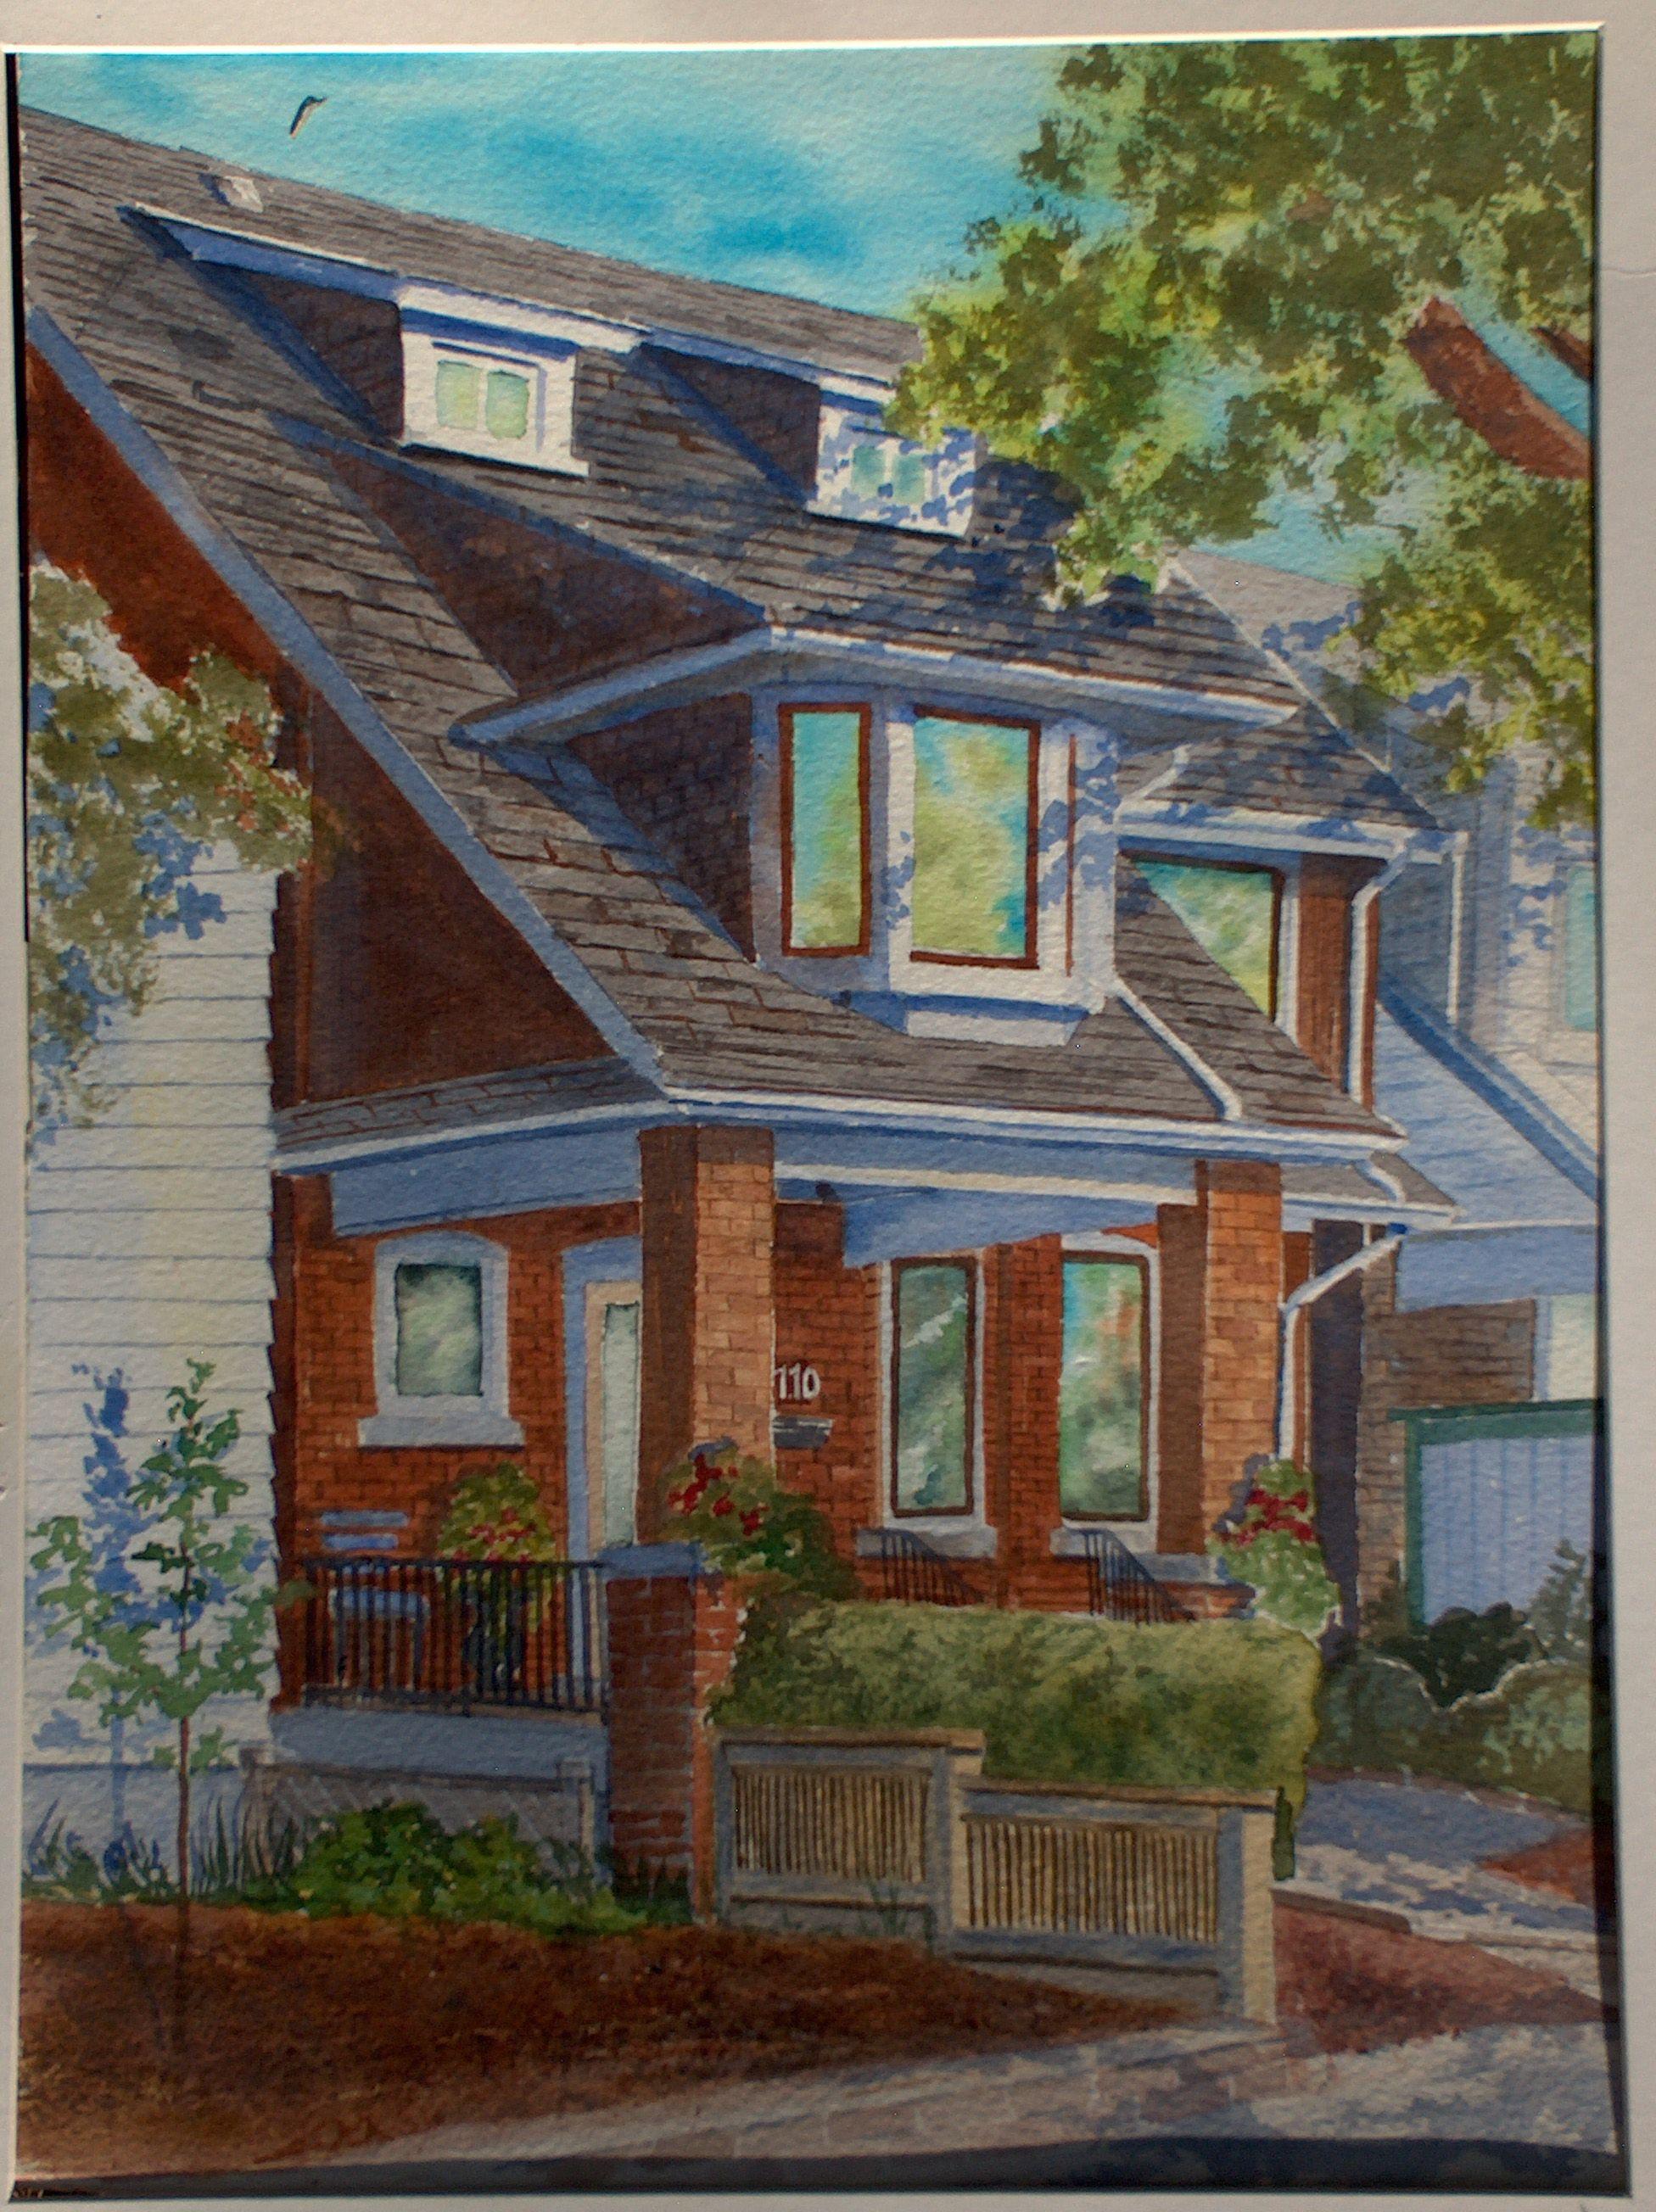 Toronto, Bloor West Village